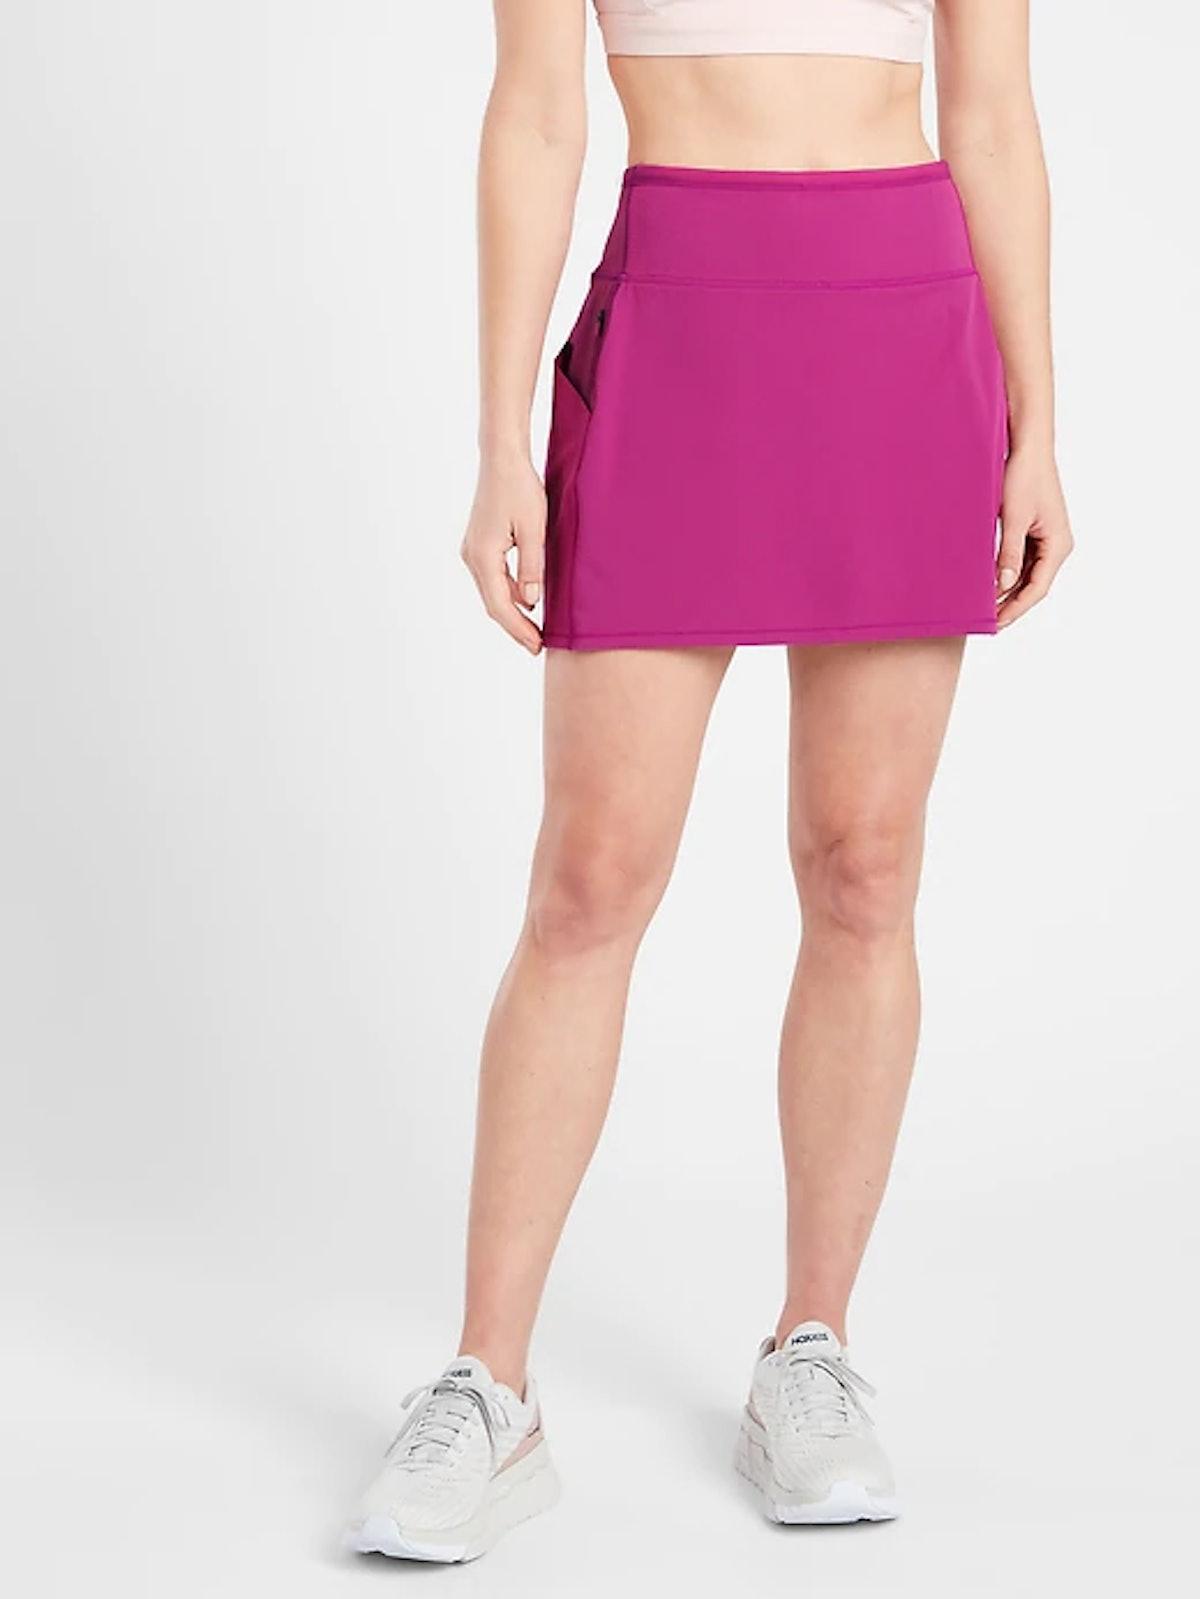 Altheta Action Skort tennis skirt